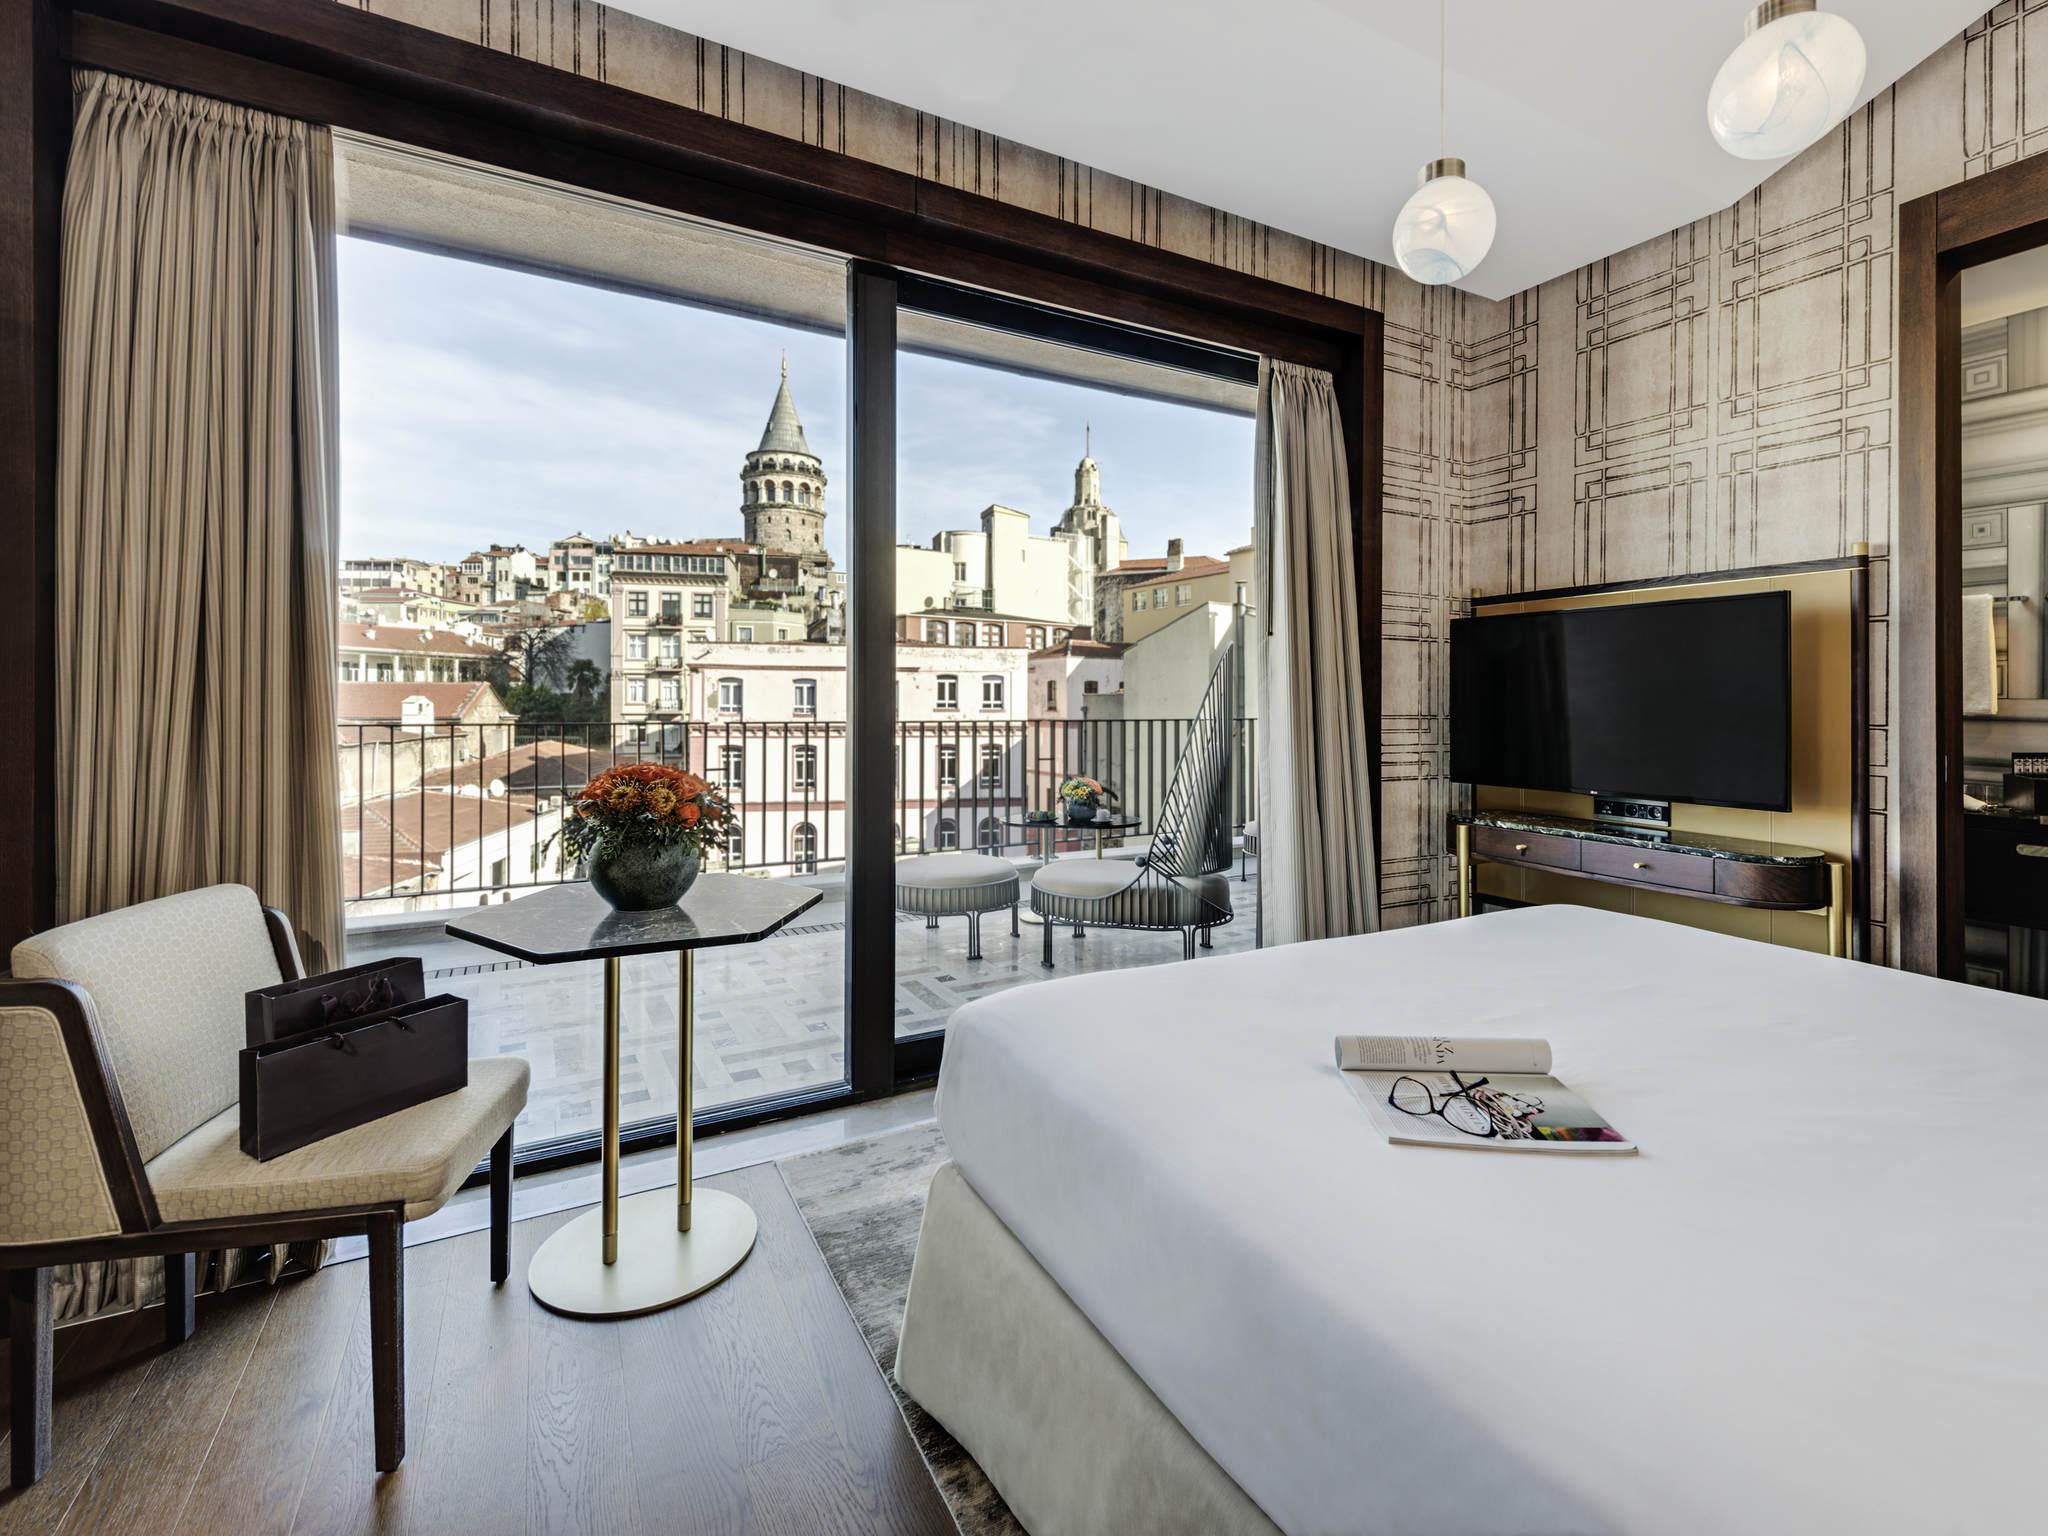 호텔 – 더 갈라타 이스탄불 호텔 - 엠갤러리 바이 소피텔